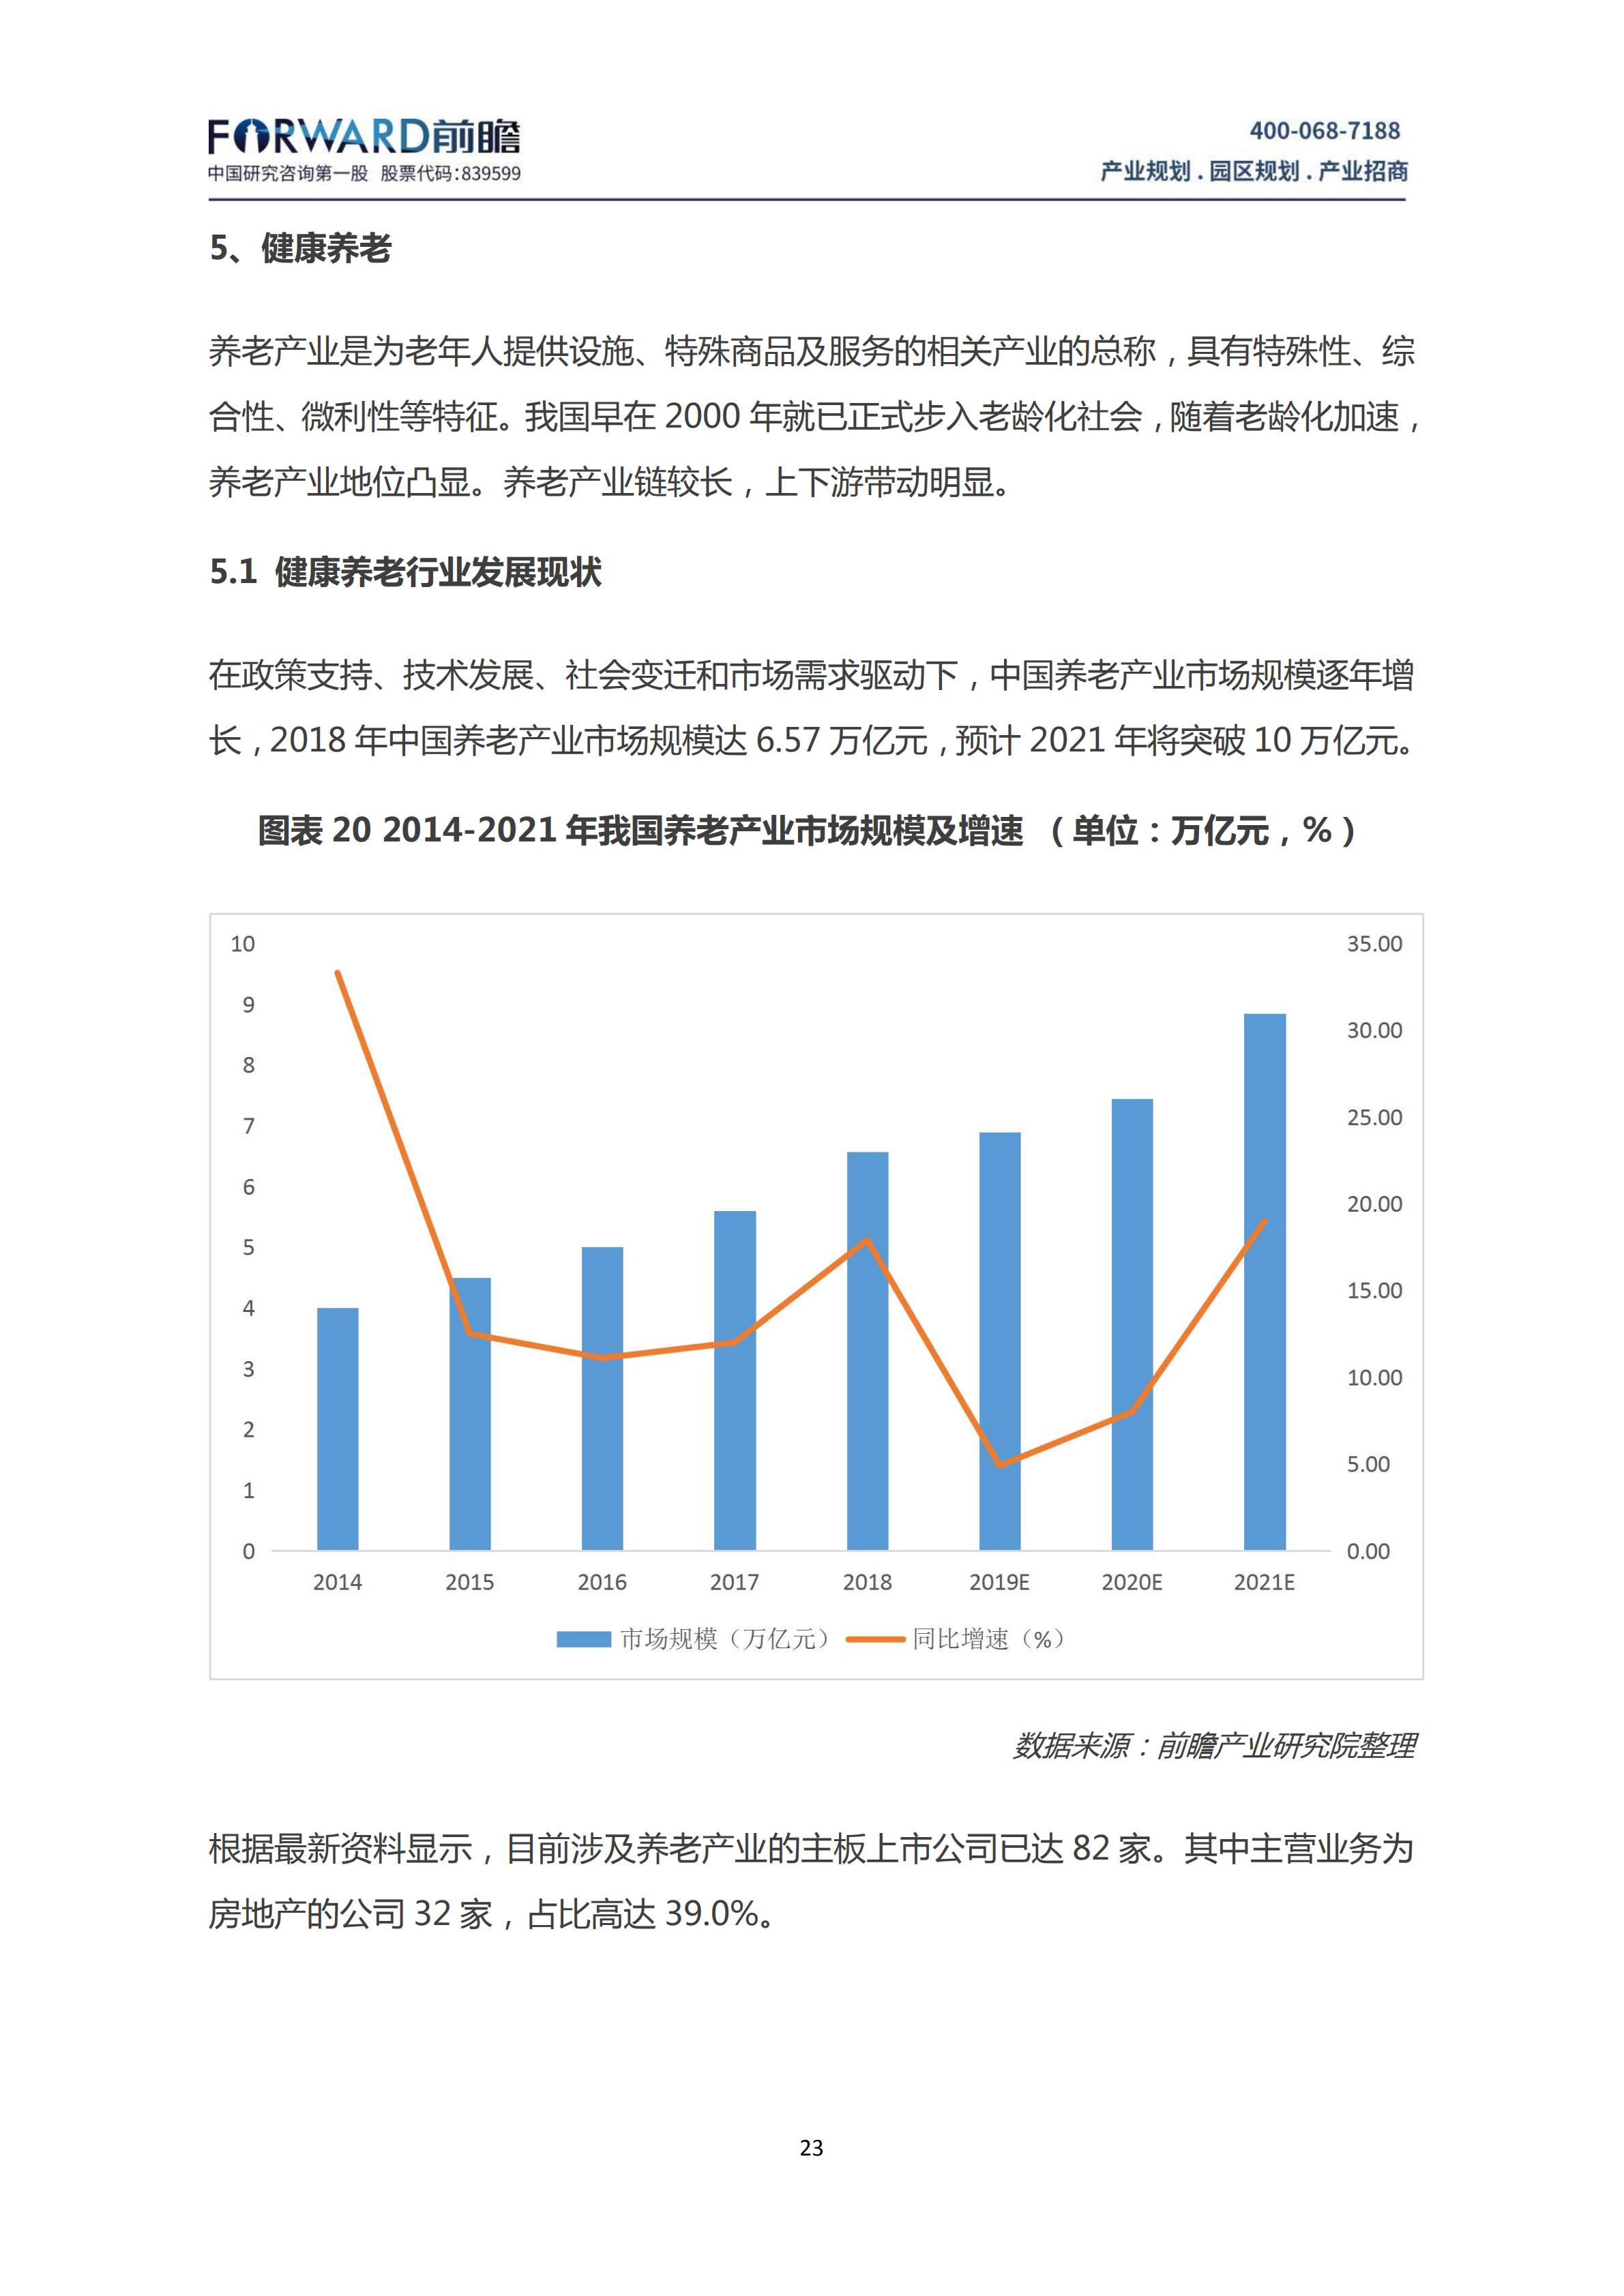 中国大健康产业发展现状及趋势分析_24.png